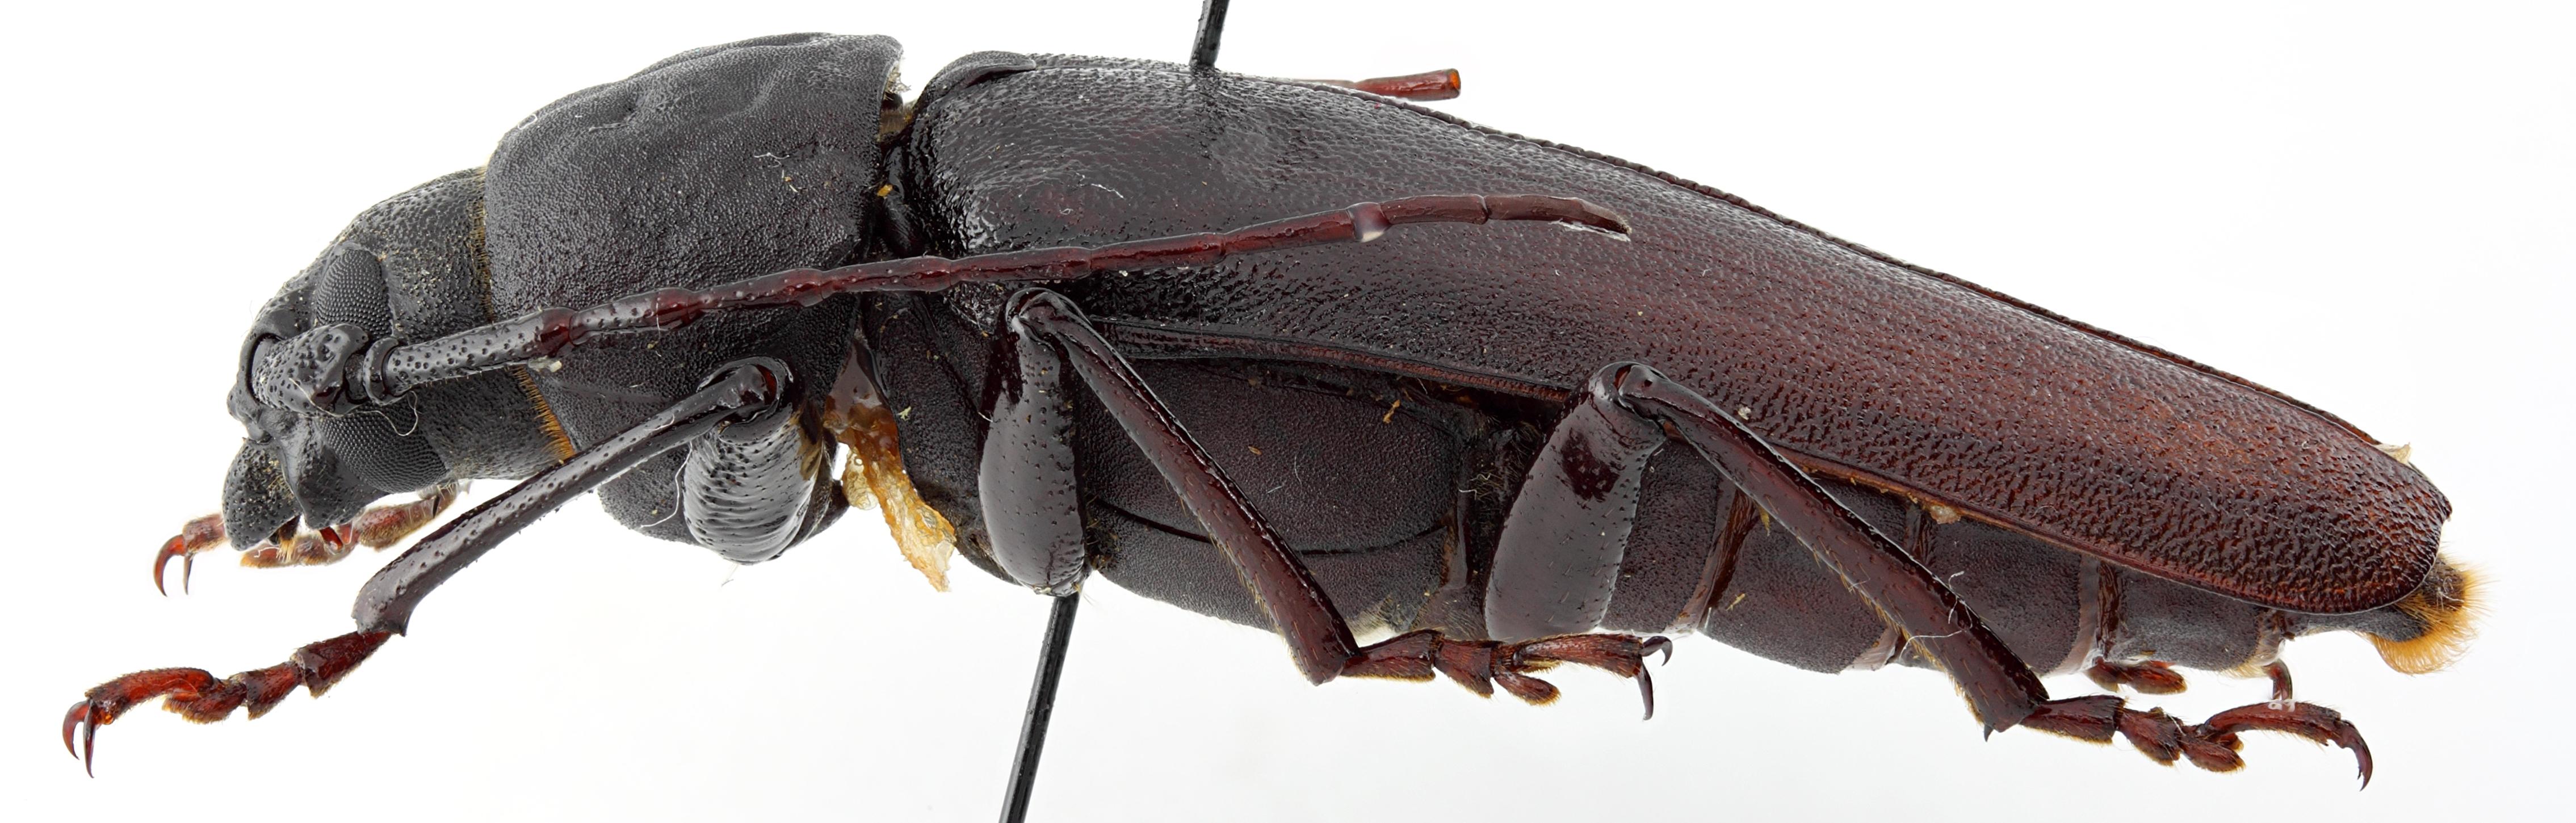 Prinobius samai 01 BL Holotype M 044 BRUS 201405.jpg